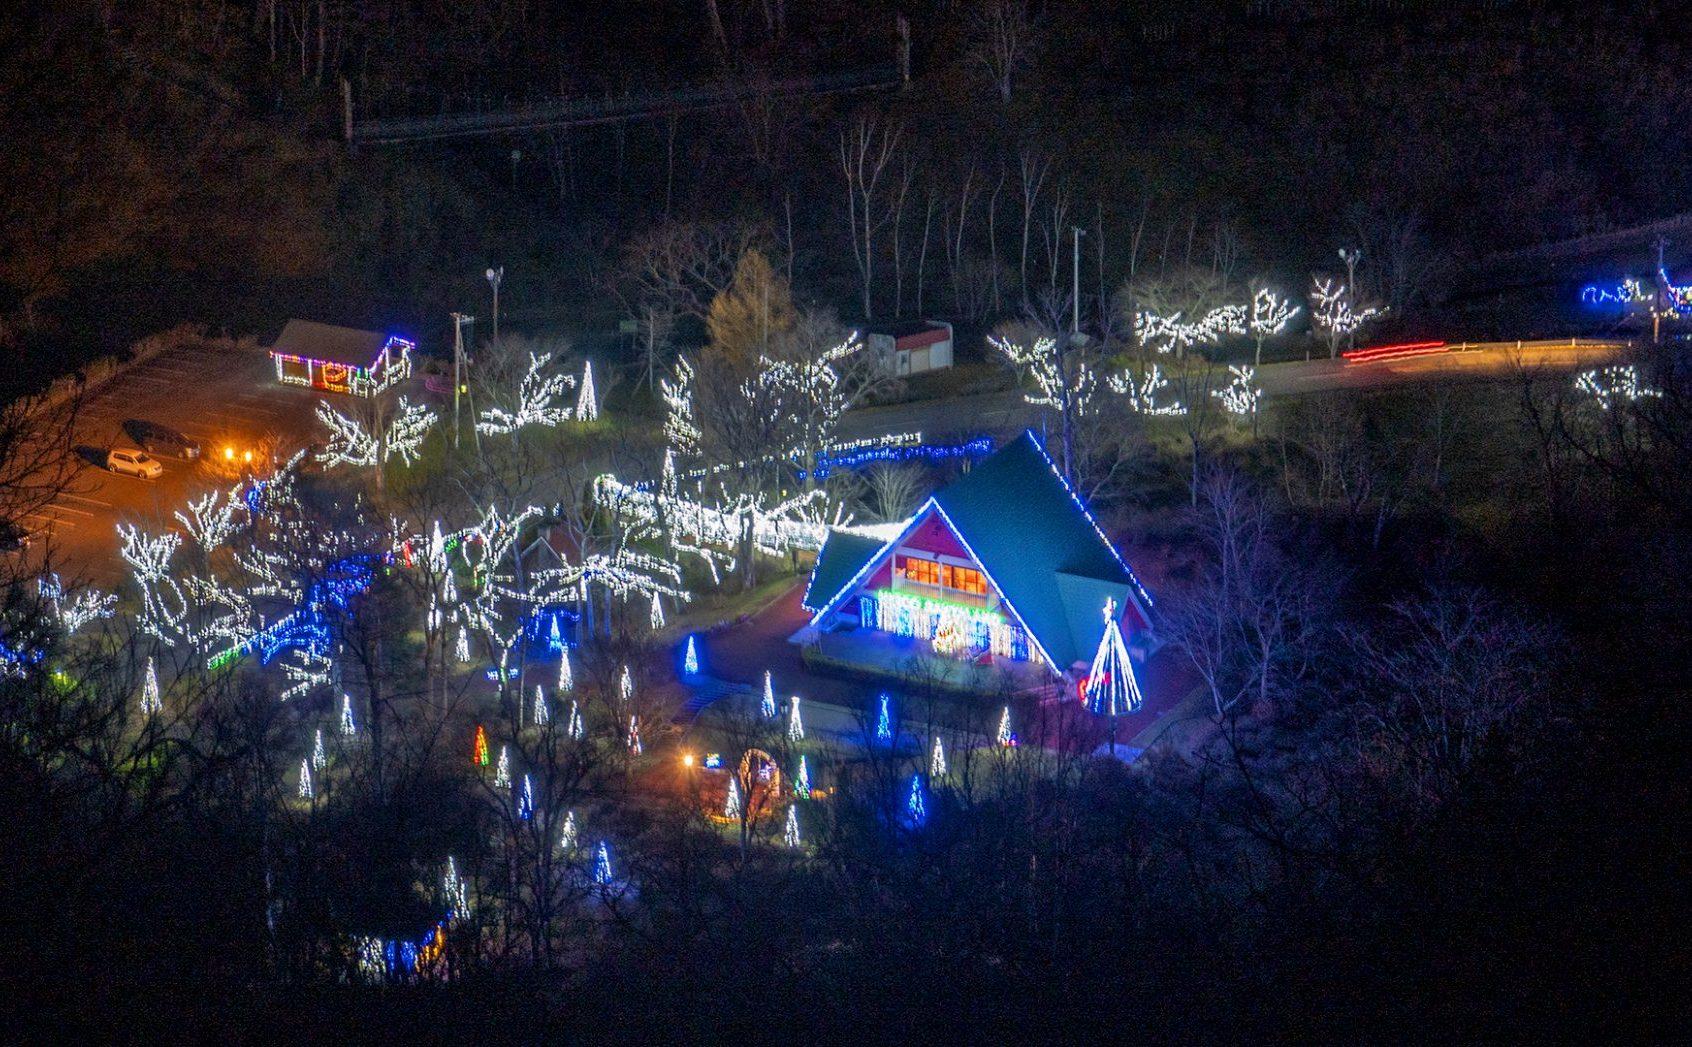 ノルウェーも認めた「ひろおサンタランド」で一年中クリスマス気分!